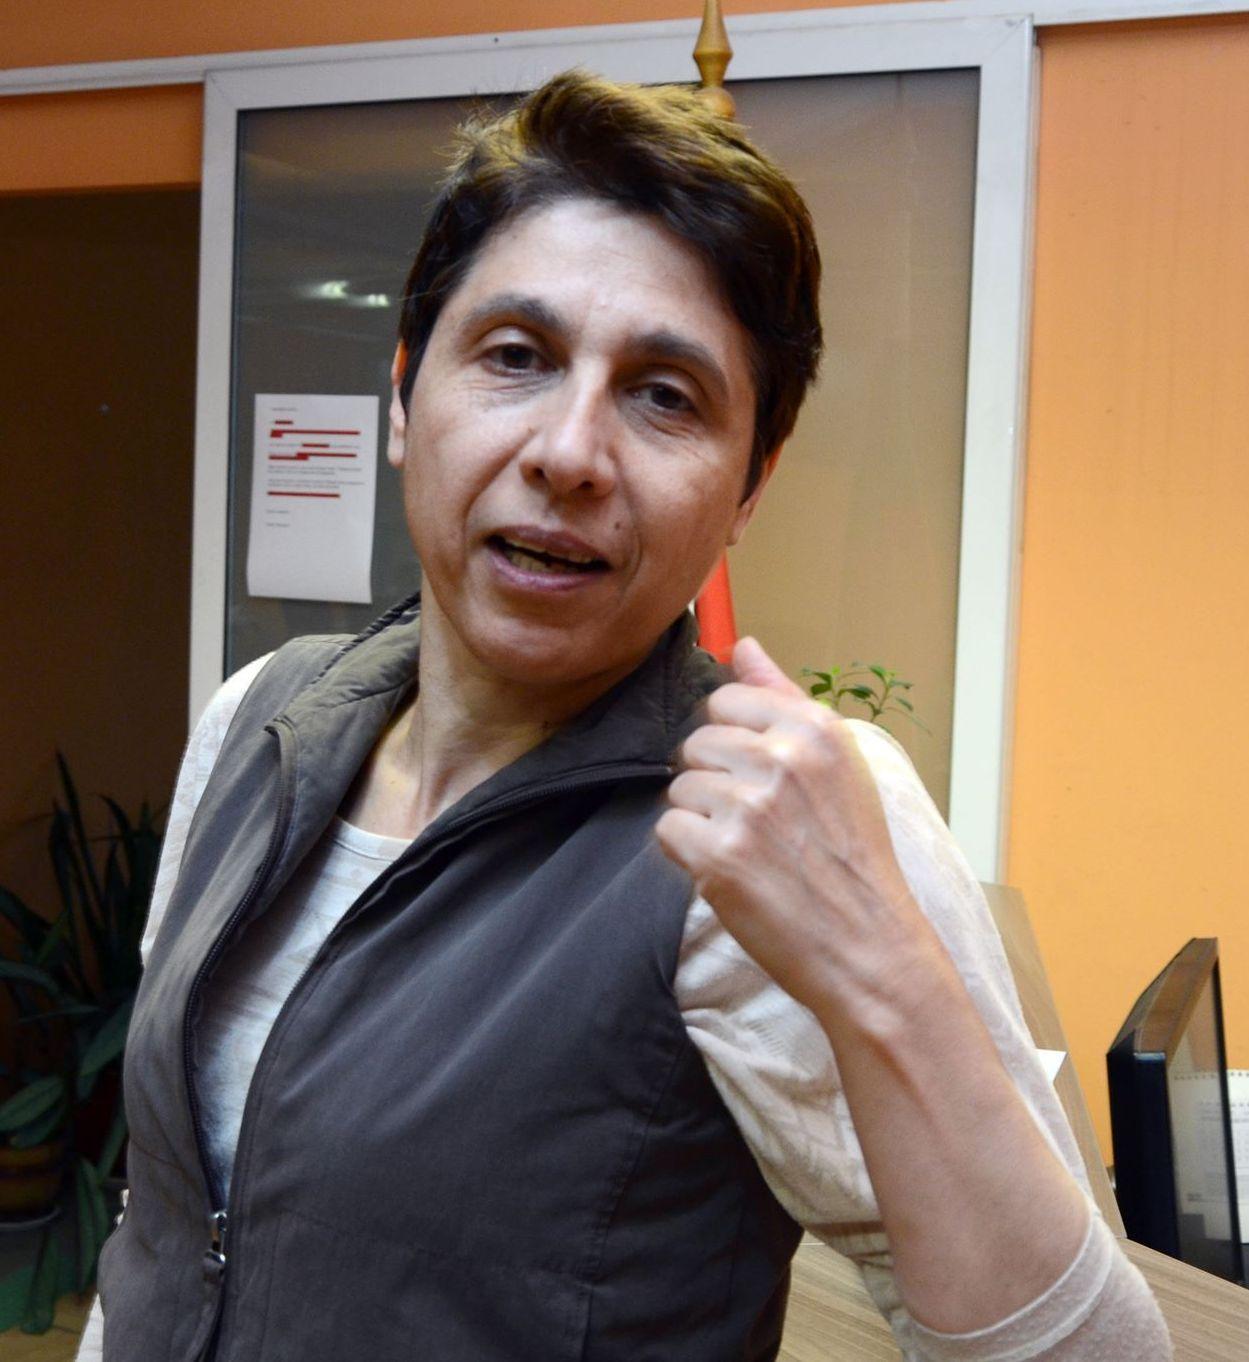 МАРА КАЛЧЕВА, РЕДАКТОР В. ДОКТОР